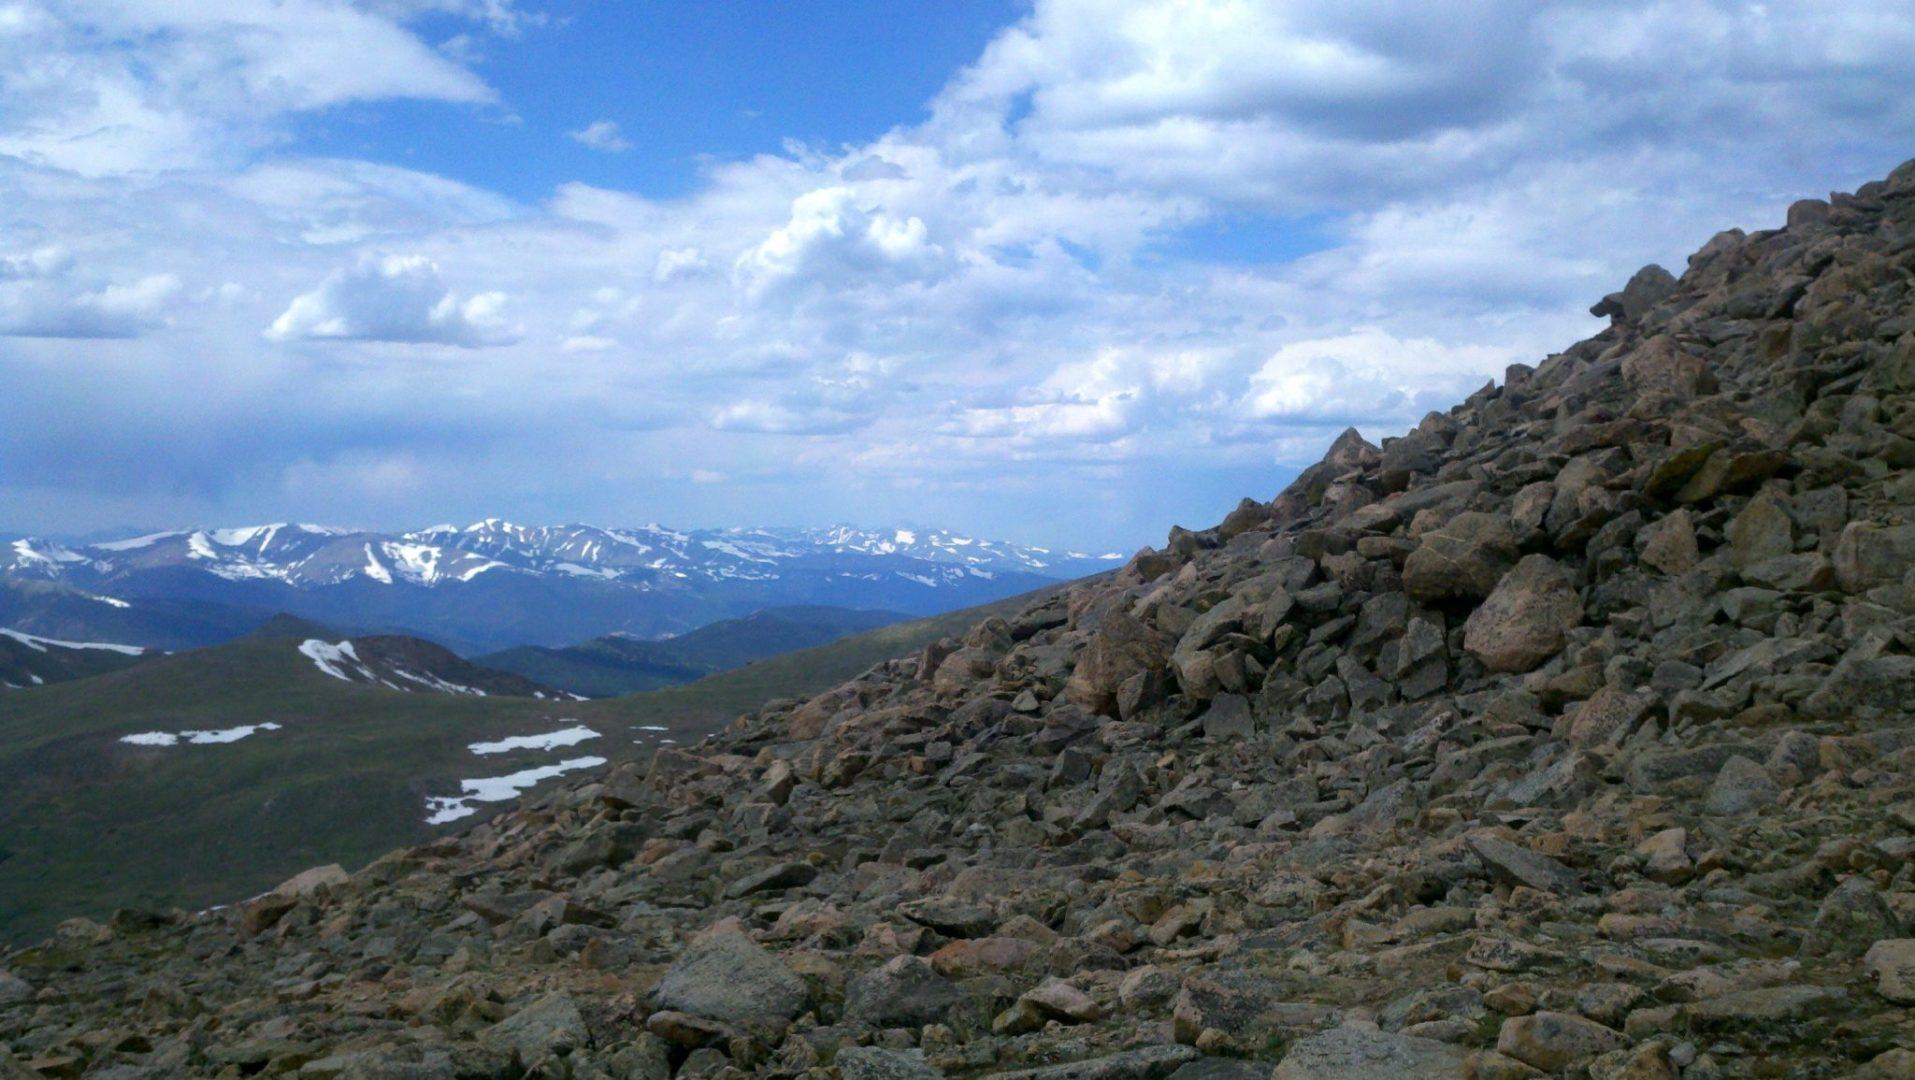 View from the shoulder of Mt Bierstadt